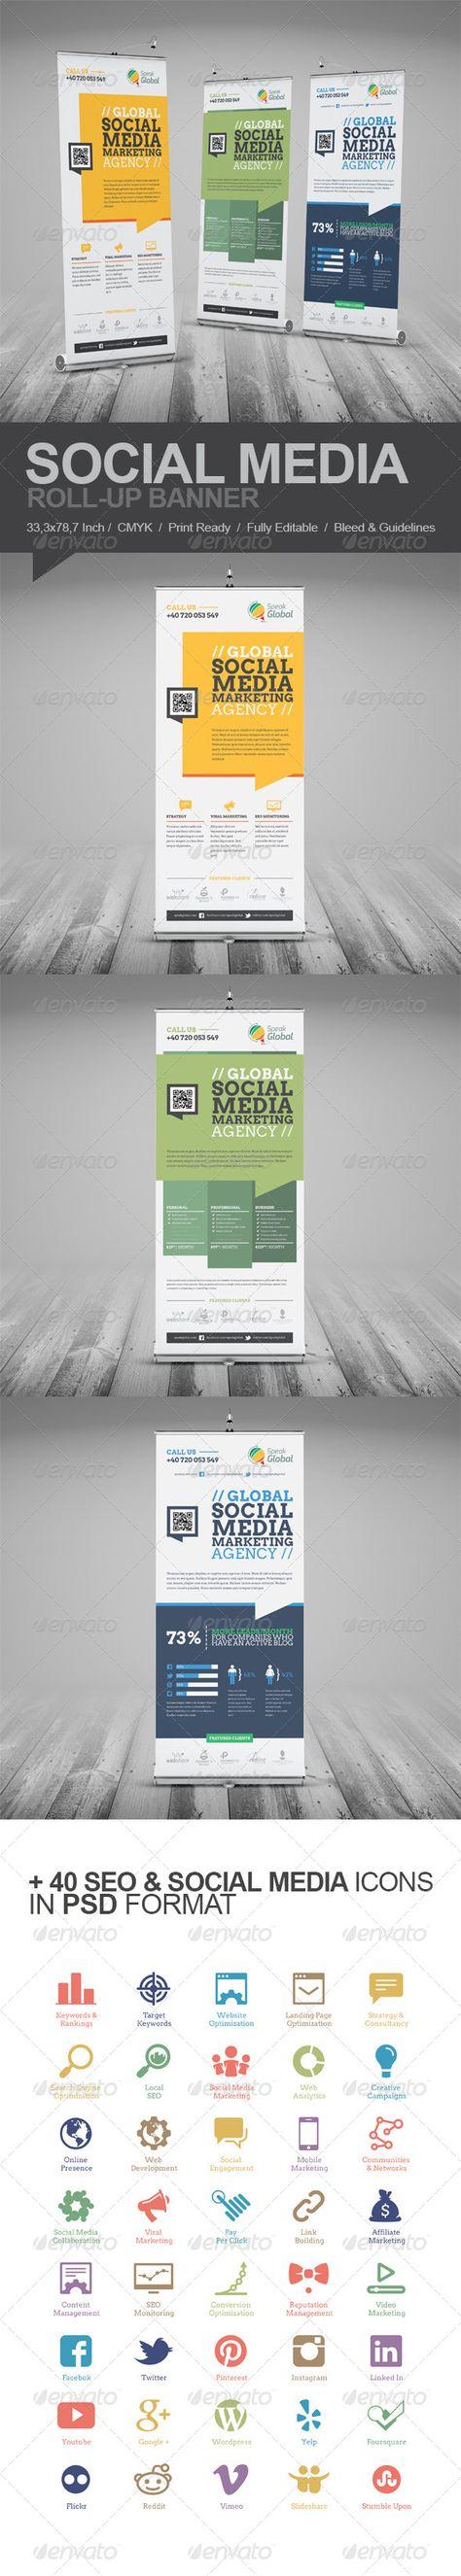 Social Media Marketing Roll-Up Banner